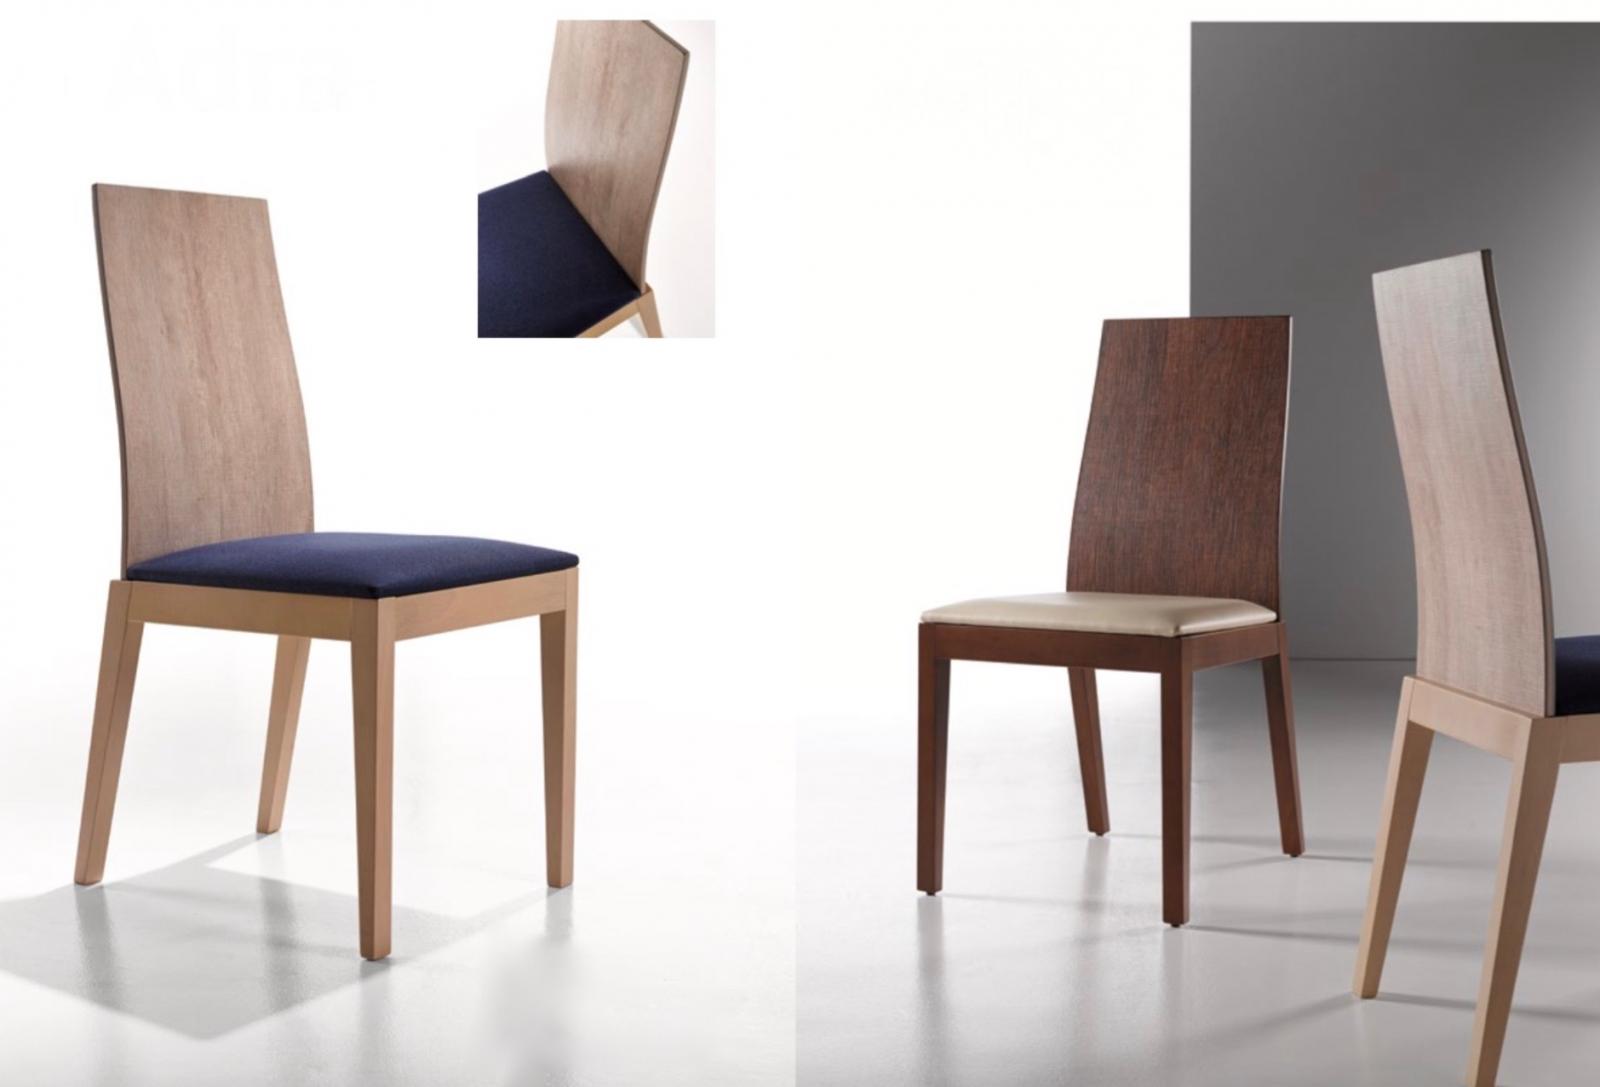 Silla Adra - Silla Adra, tapizado de alta calidad y con estructura de madera.